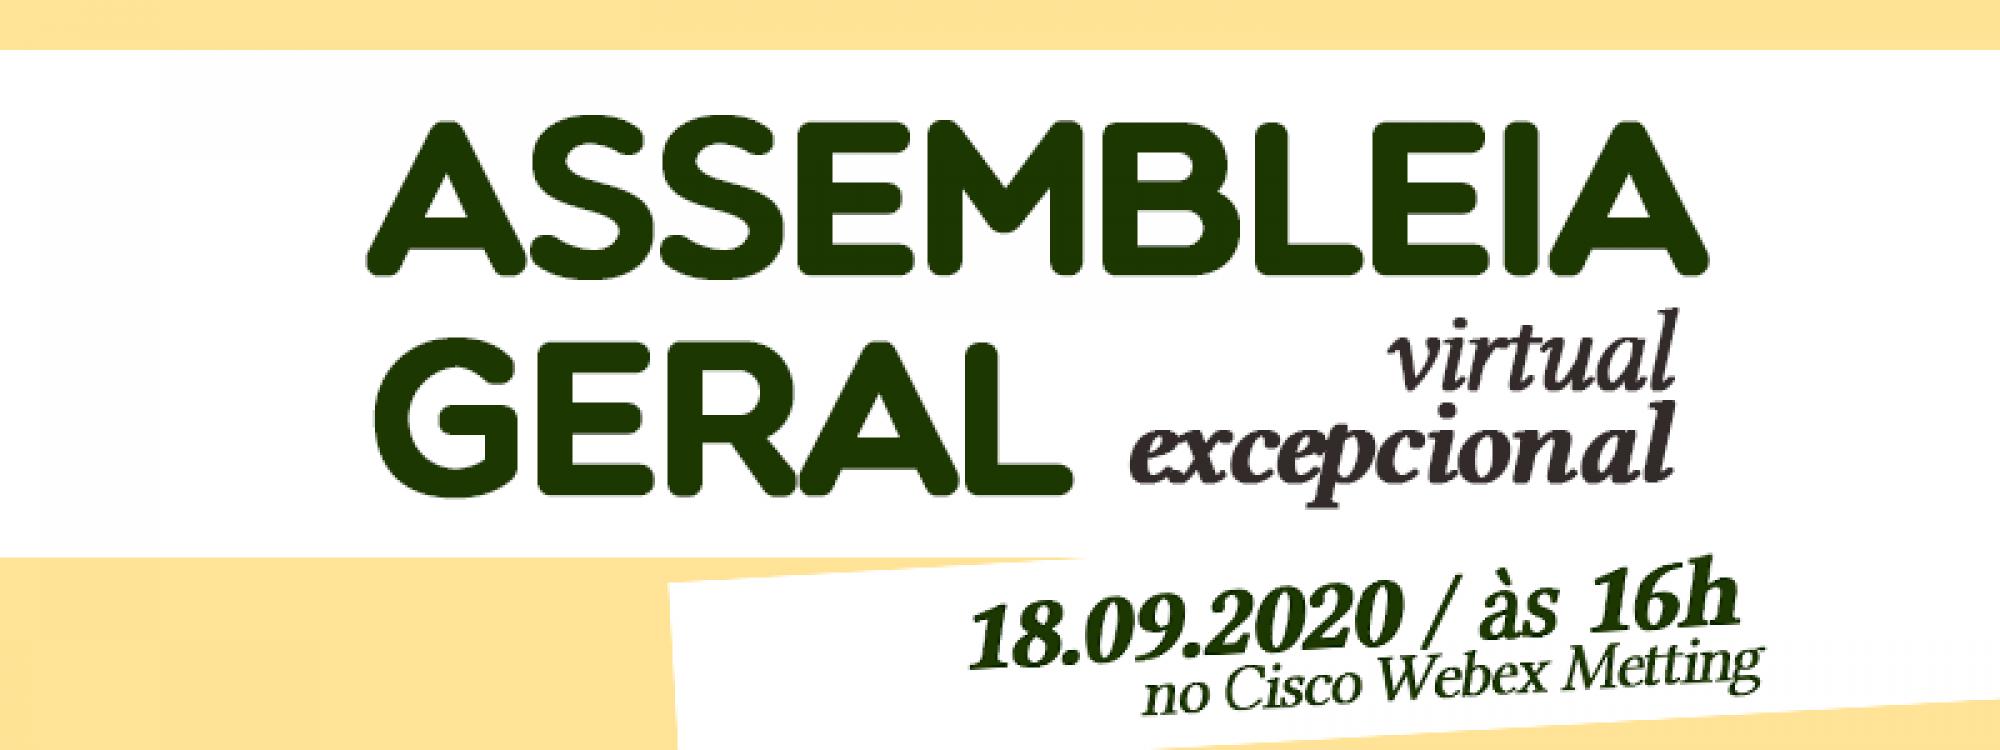 Assembleia Geral Virtual Excepcional da ADUFU 18 de set.: convocatória, instruções e link da sala